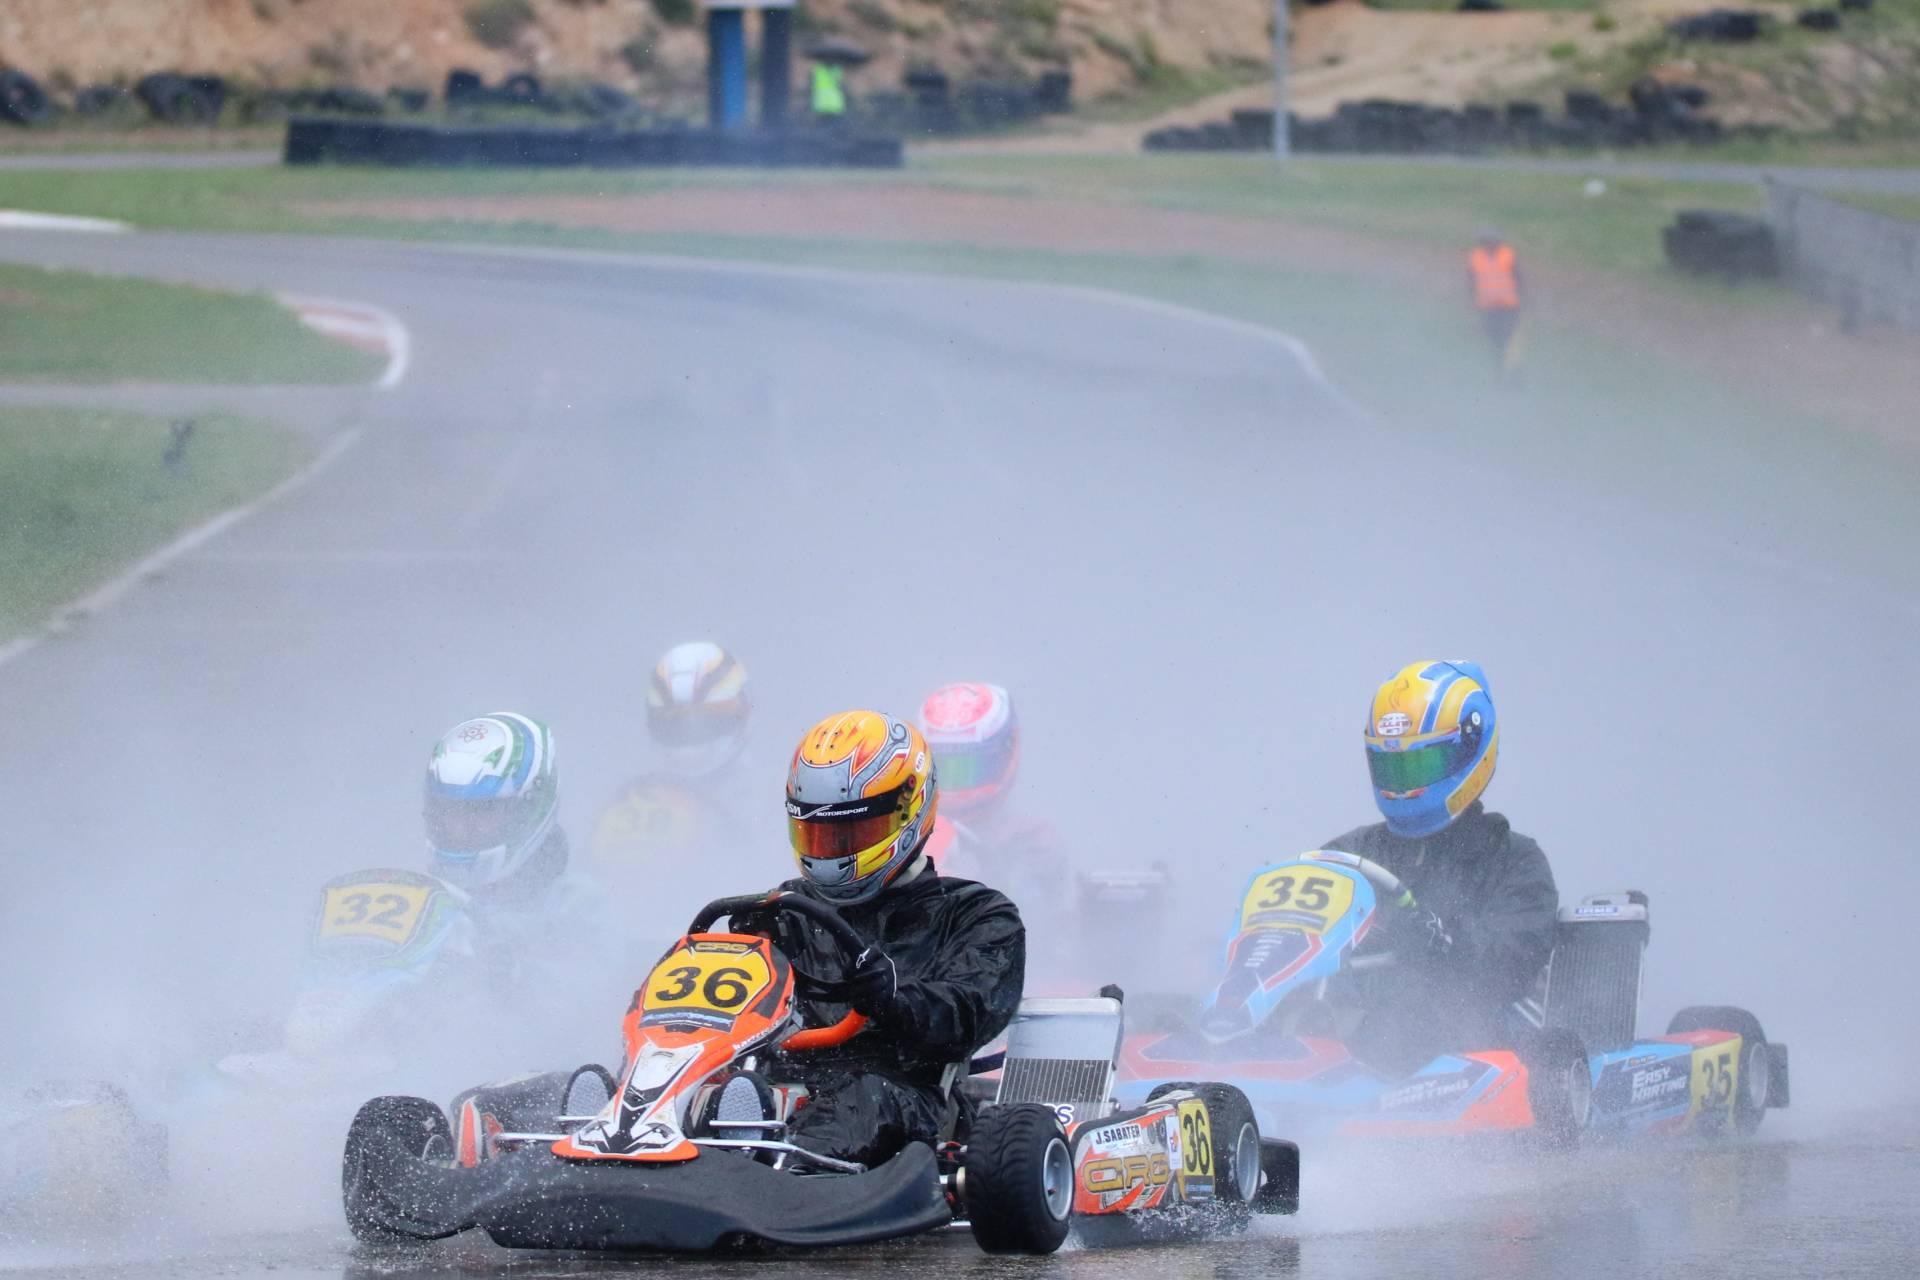 La pluja marca la segona cita del Campionat català de kàrting al Circuit de Móra d'Ebre